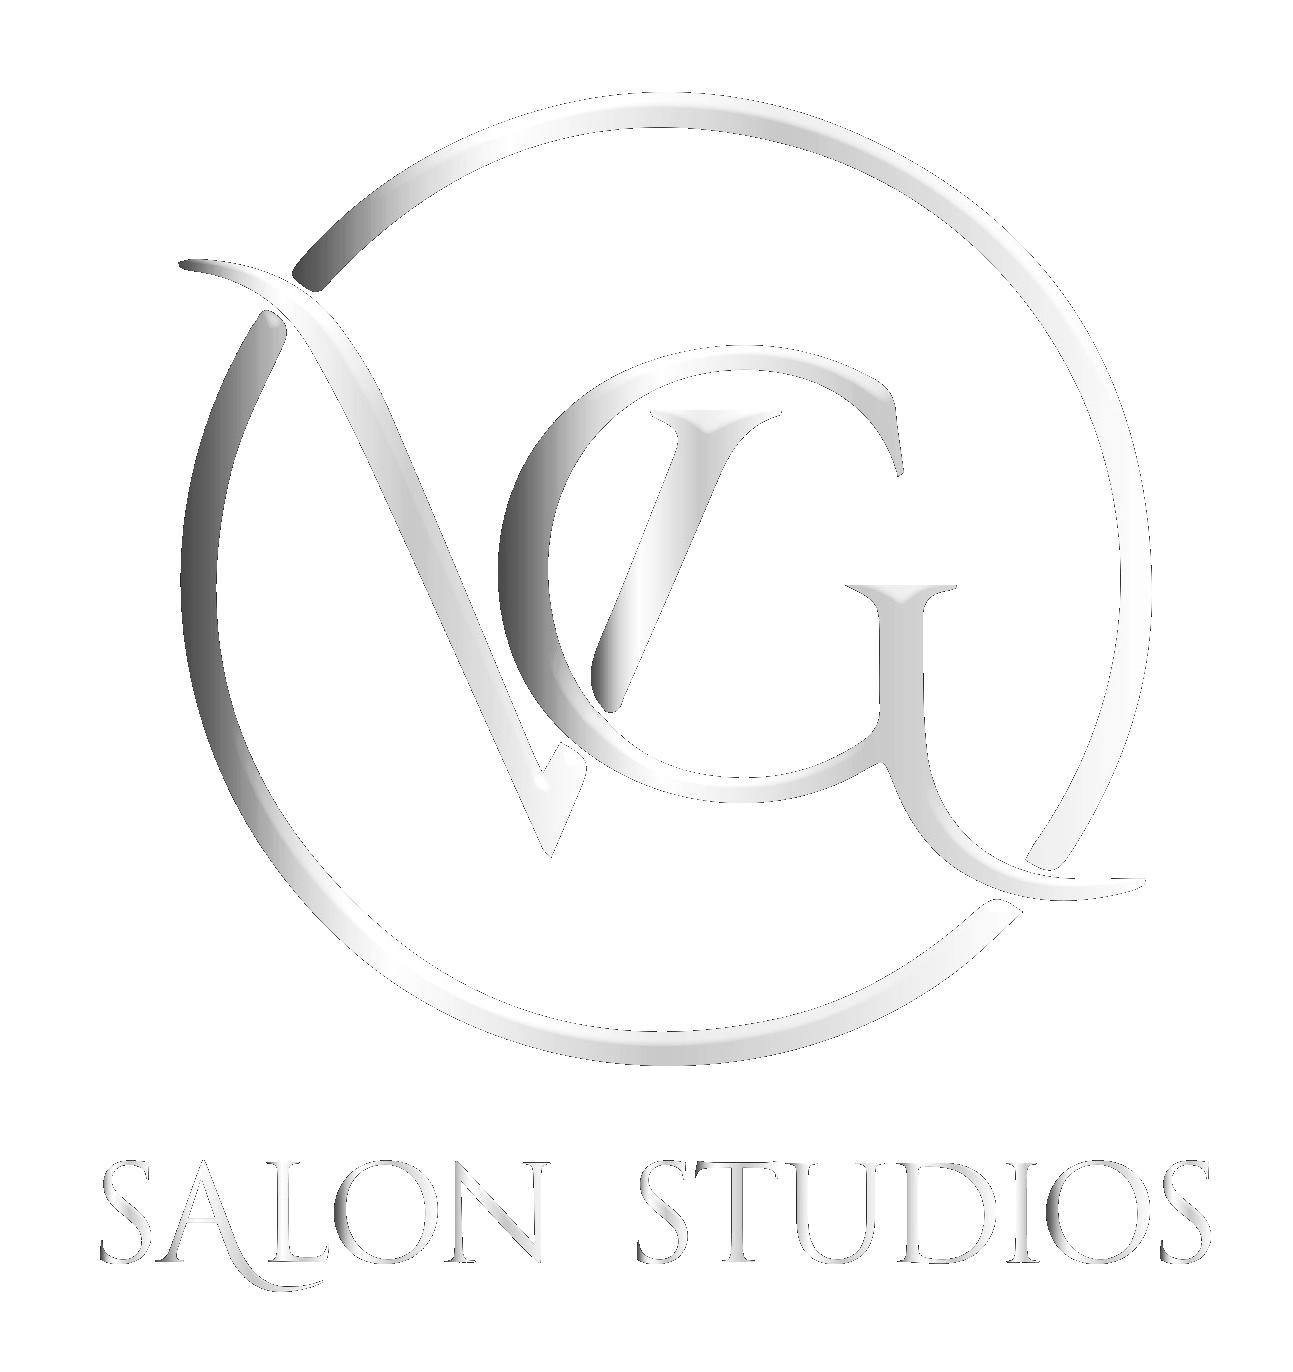 VG Salon Studios  - Private Salon Studios located in Lawrenceville GA